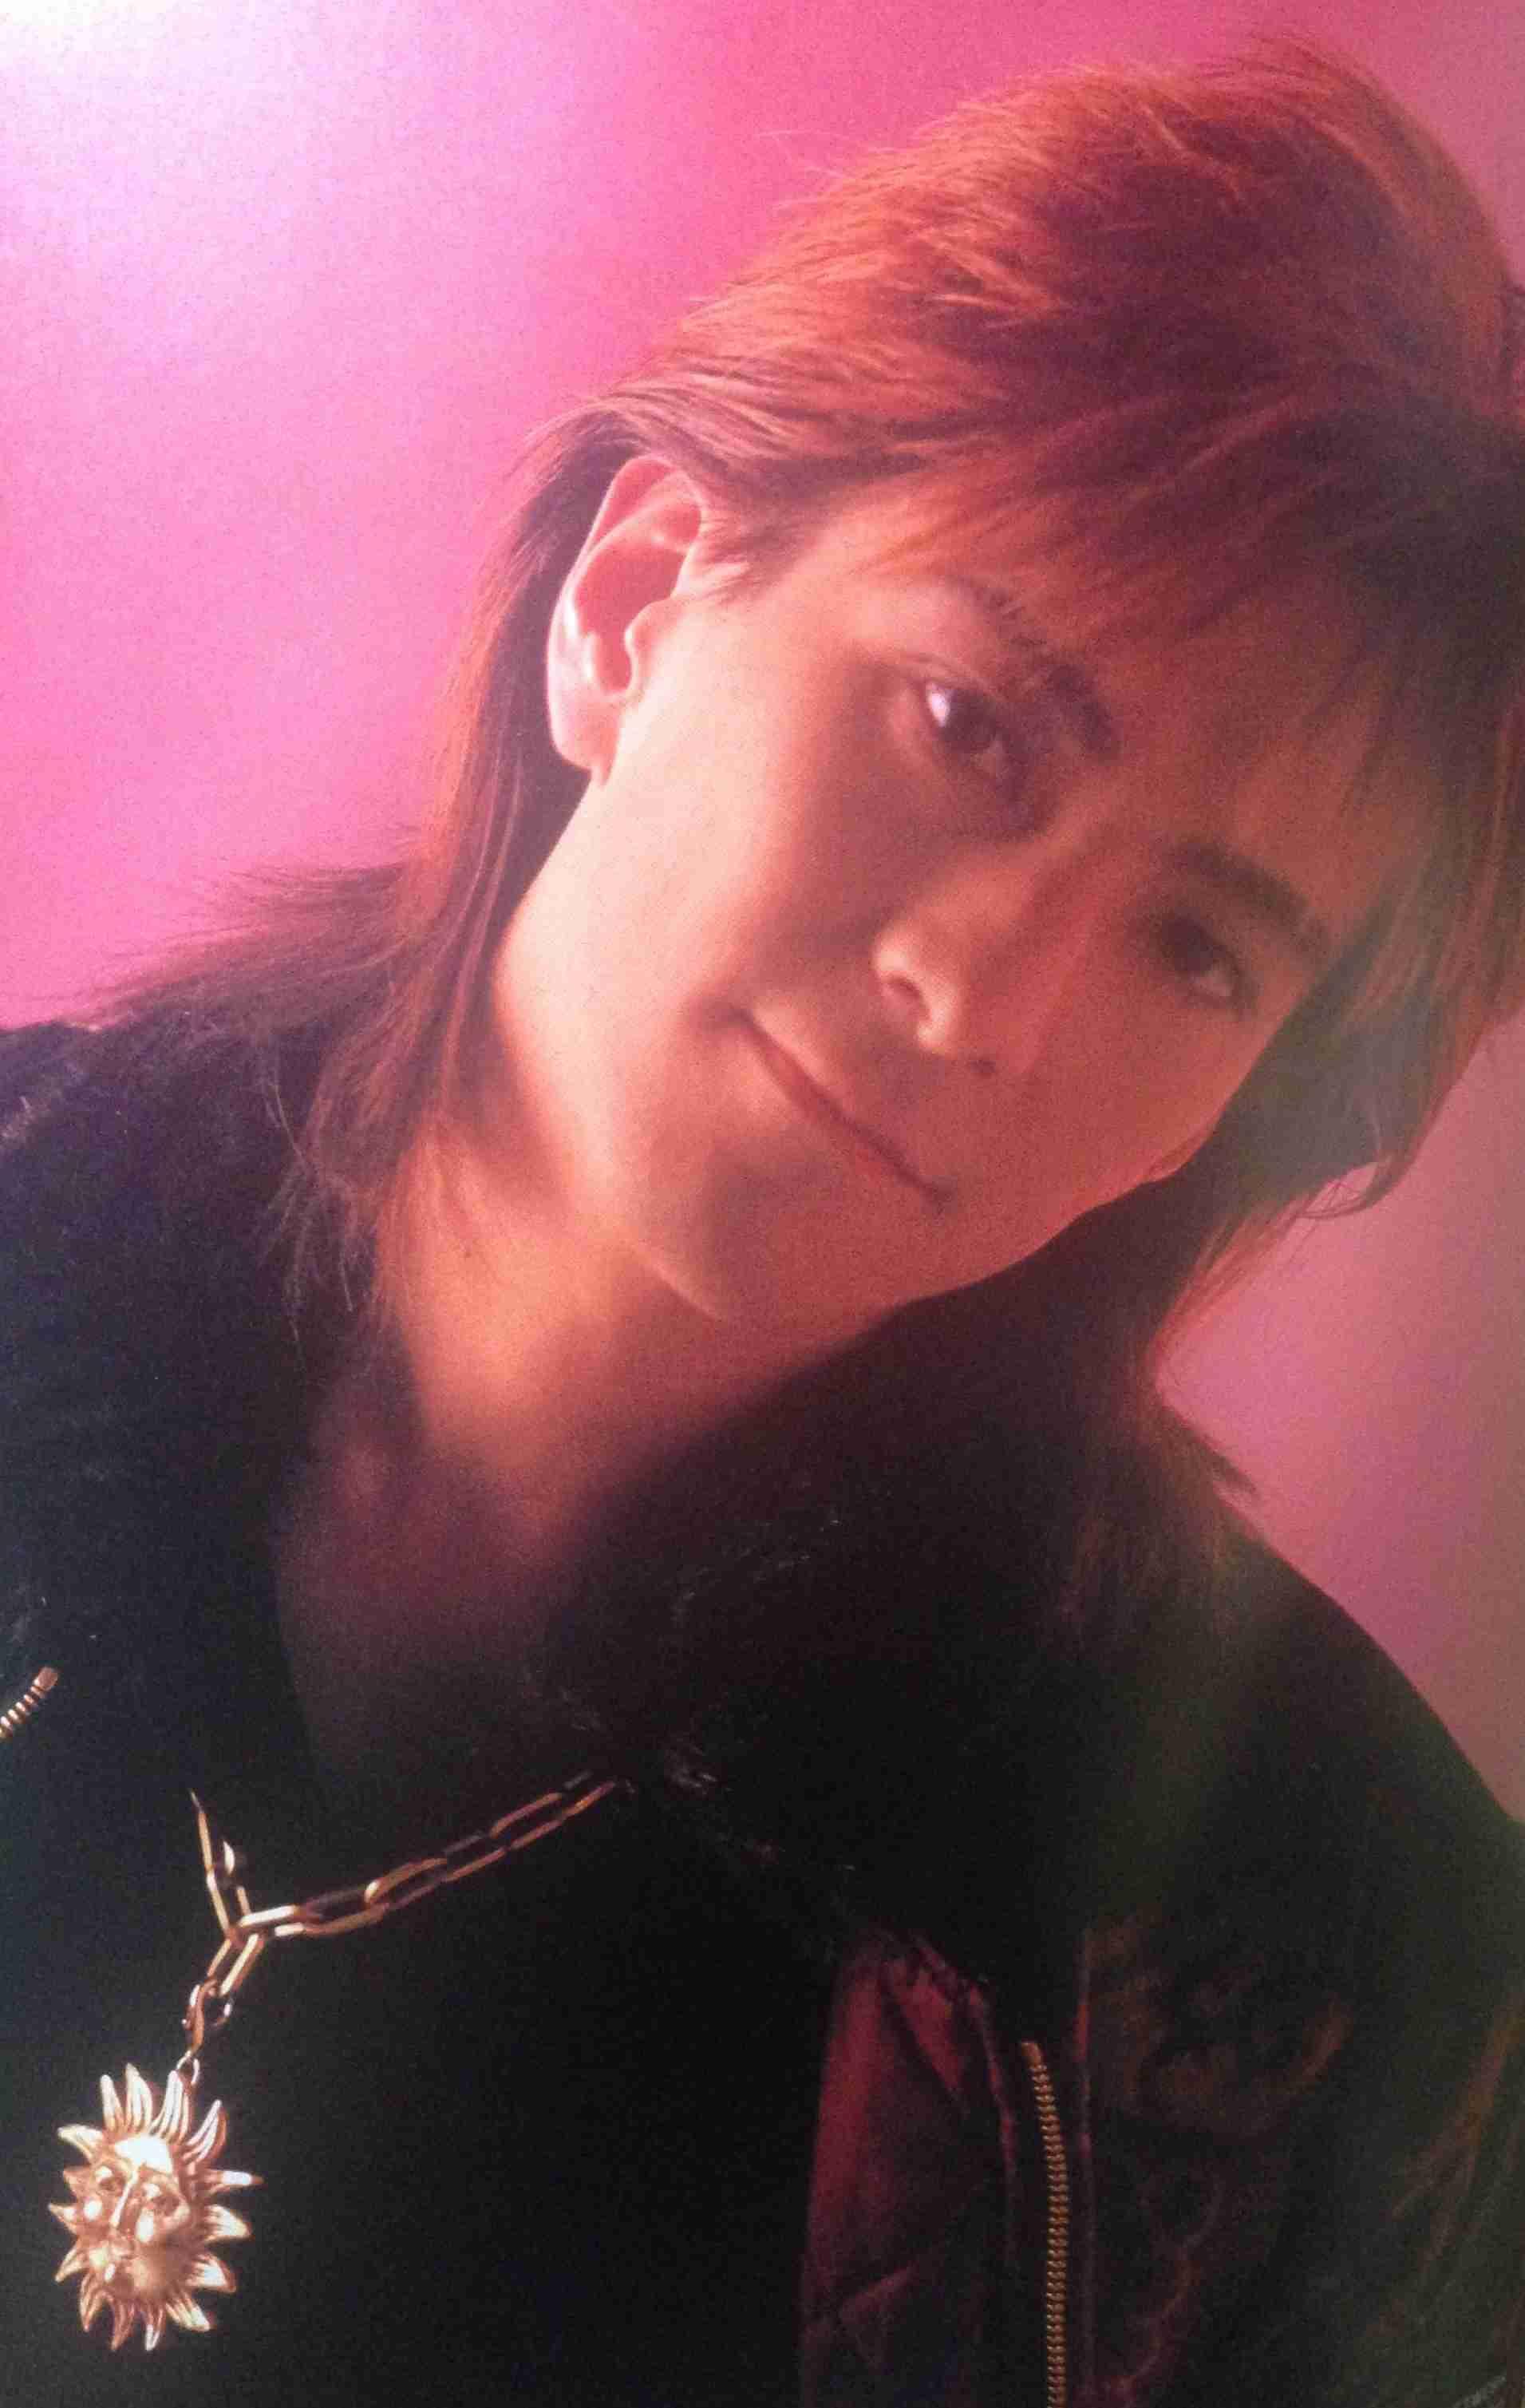 小室哲哉 16年ぶりタッグの安室奈美恵へ「素敵な軌跡は時に寂しさを伴う」